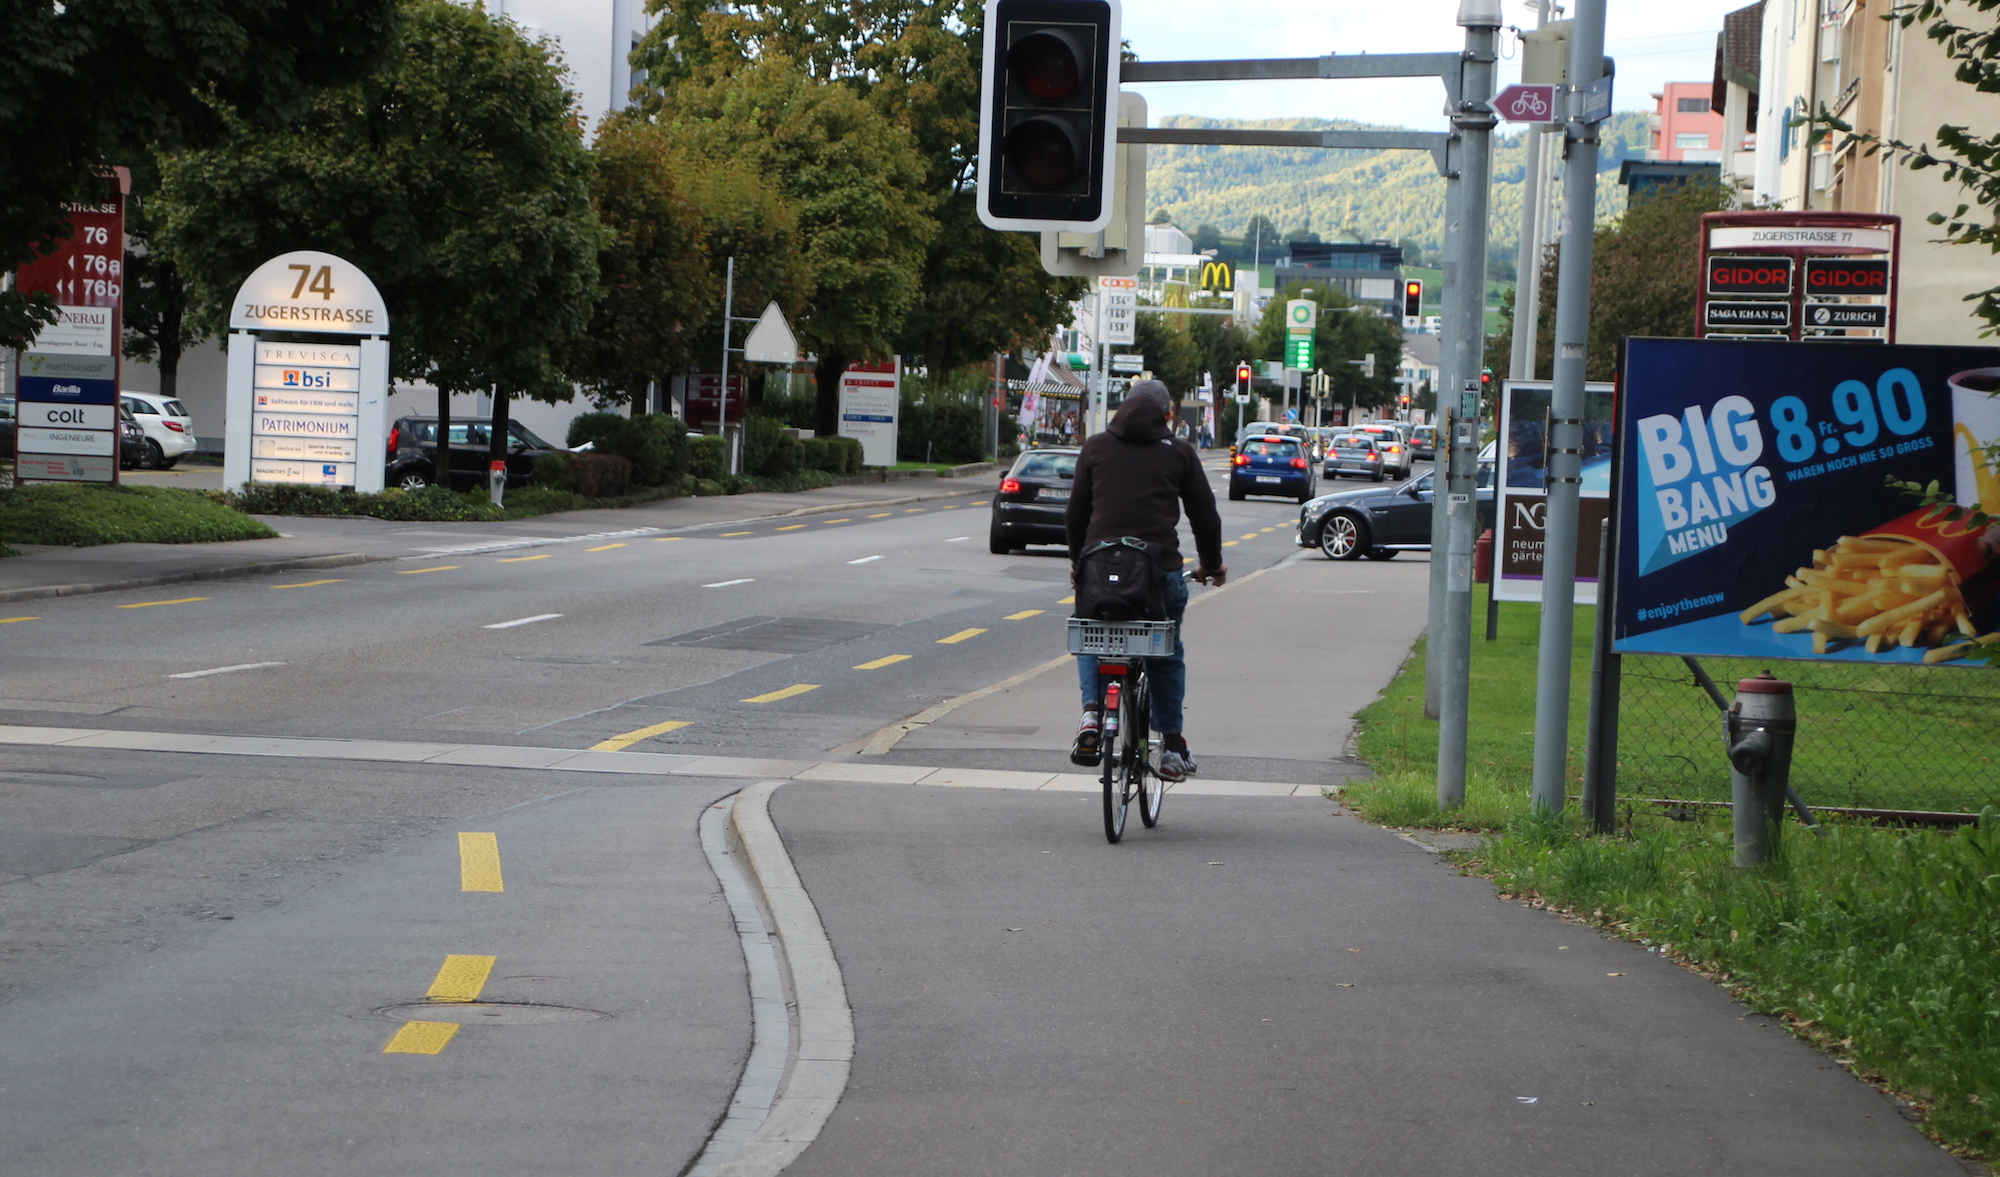 Sicher ist sicher: Dieser Velofahrer fährt lieber gleich auf dem Fussgängerweg.